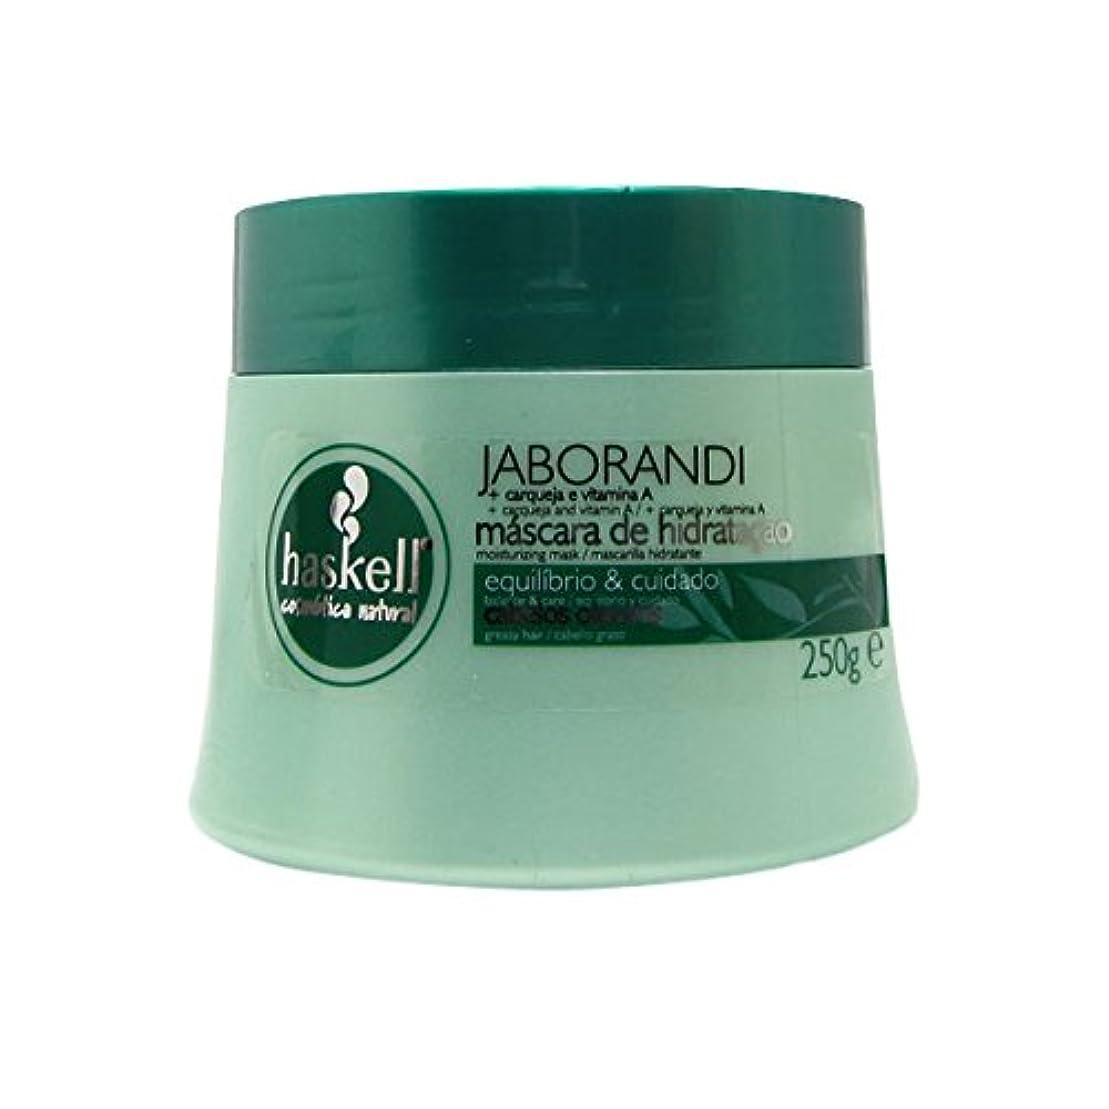 勃起サルベージ信じられないHaskell Jaborandi Hair Mask 250g [並行輸入品]